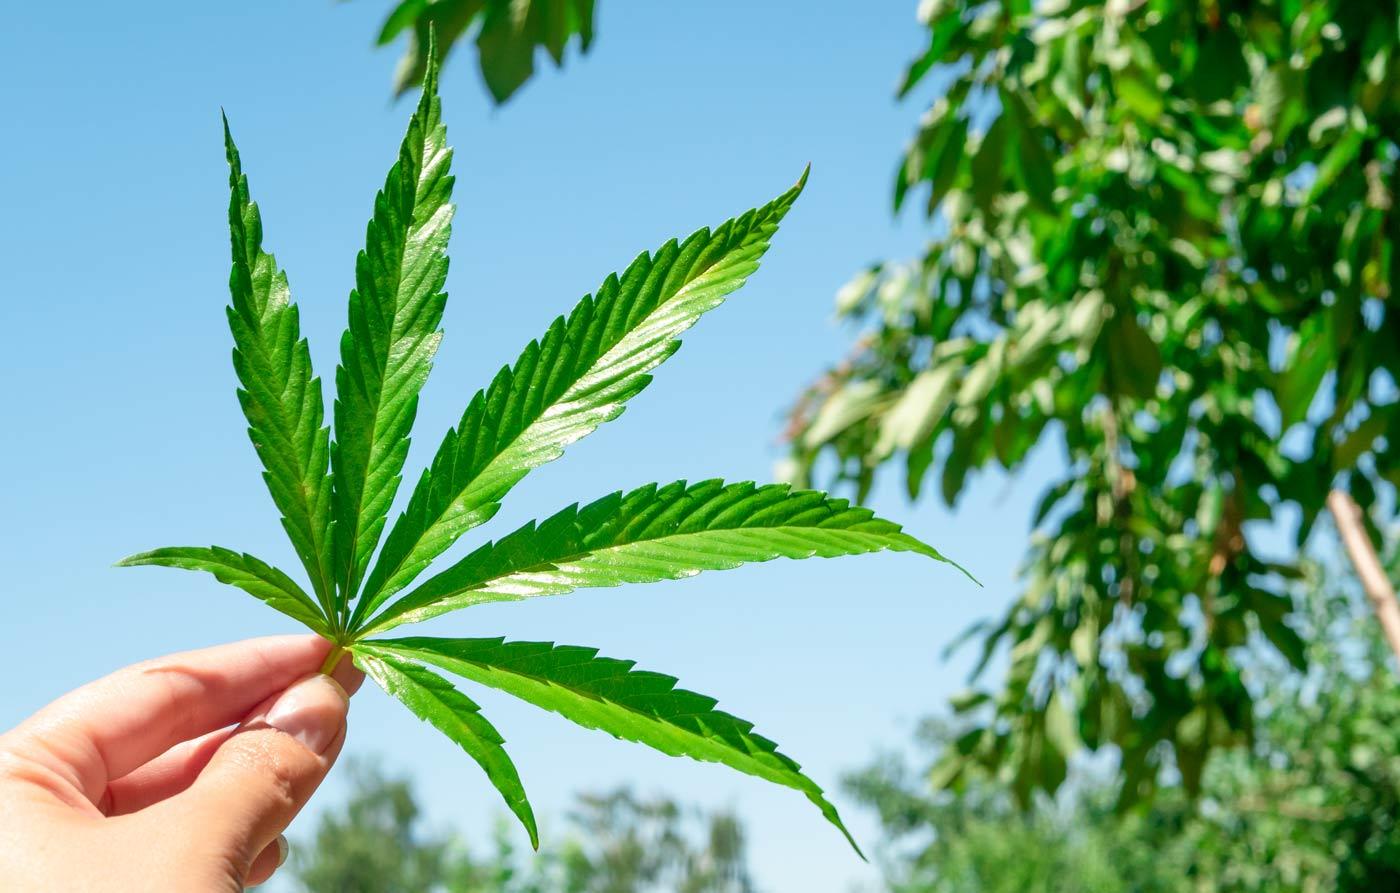 Κάνναβη, ένα εξαιρετικό θεραπευτικό βότανο